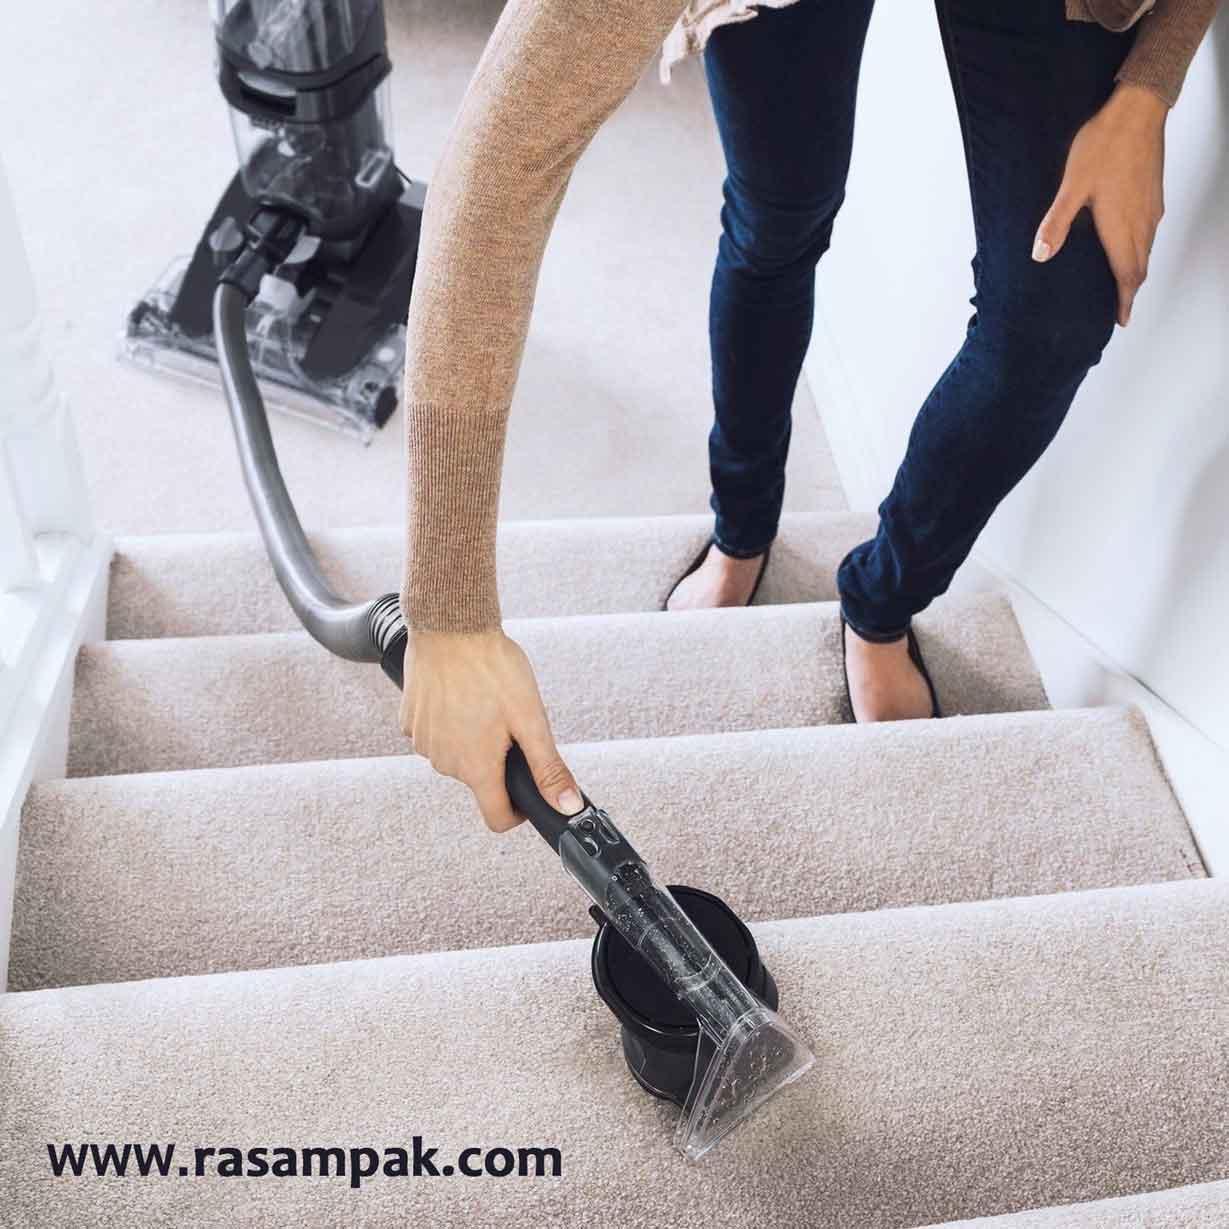 نظافت منزل با بخارشوی رسام پاک شرکت نظافتی در قیطریه